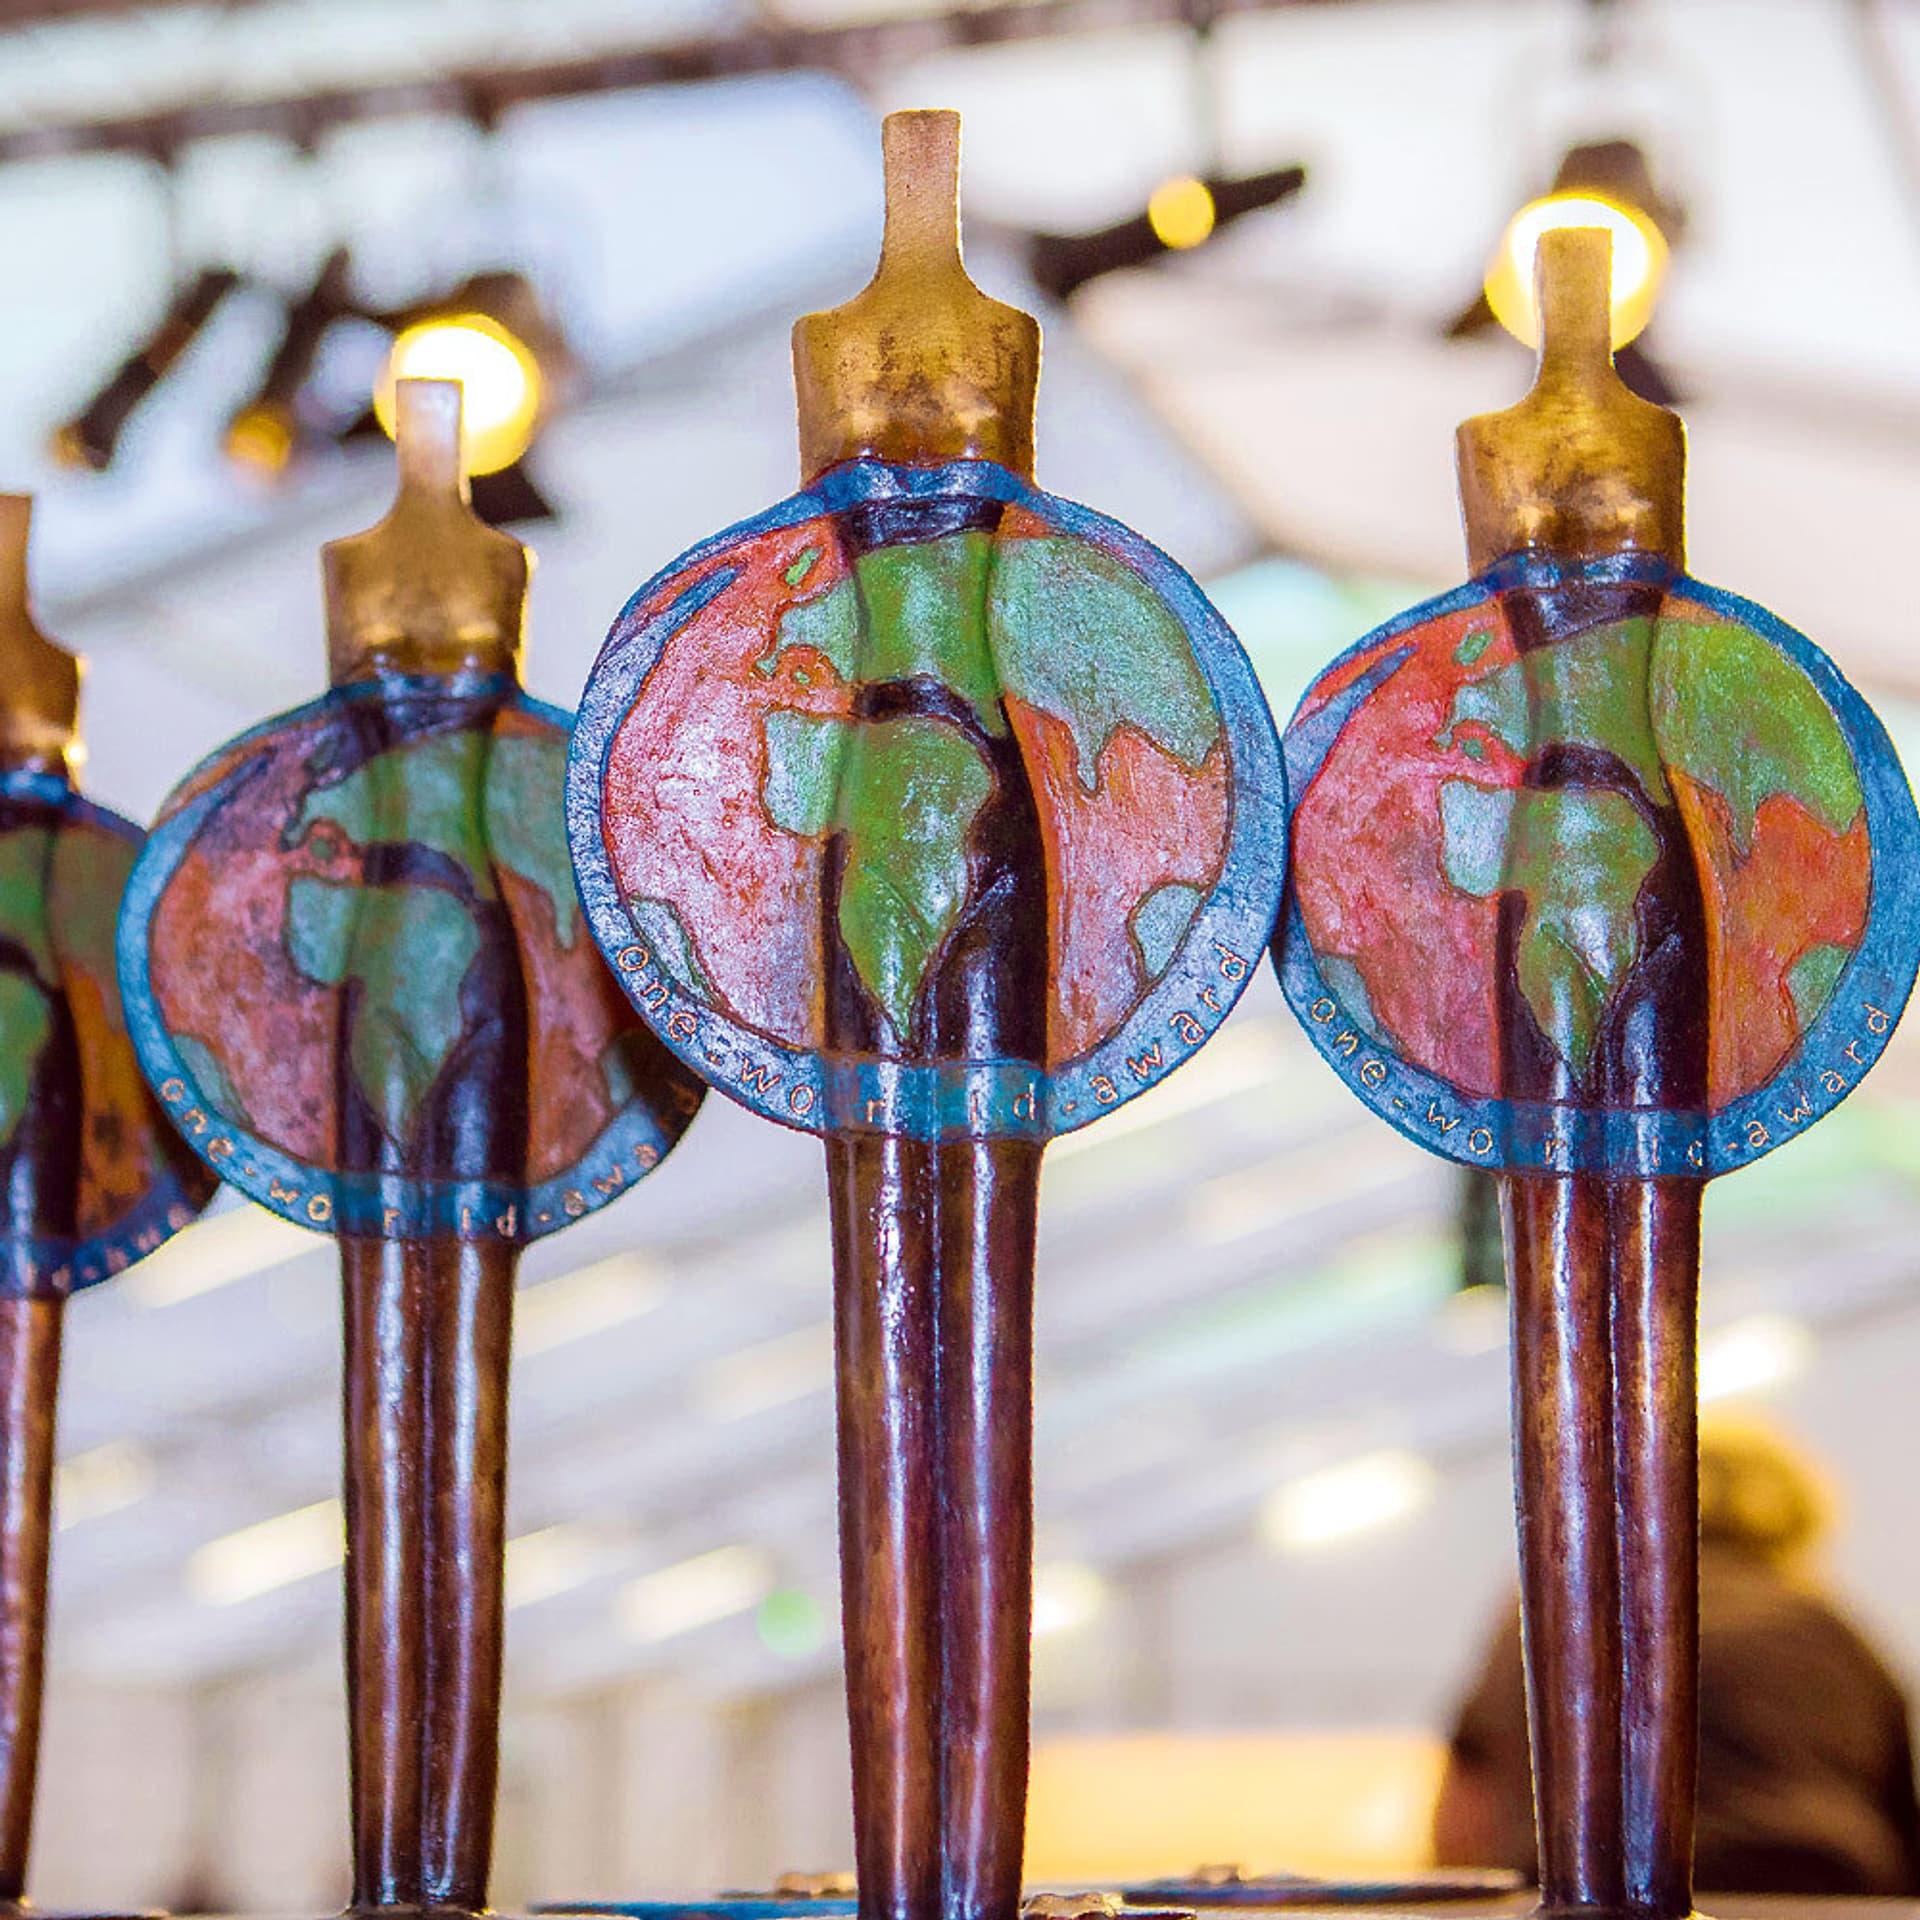 Auszeichnung One World Award-Statuen: Stäbe mit Weltkugelngeln